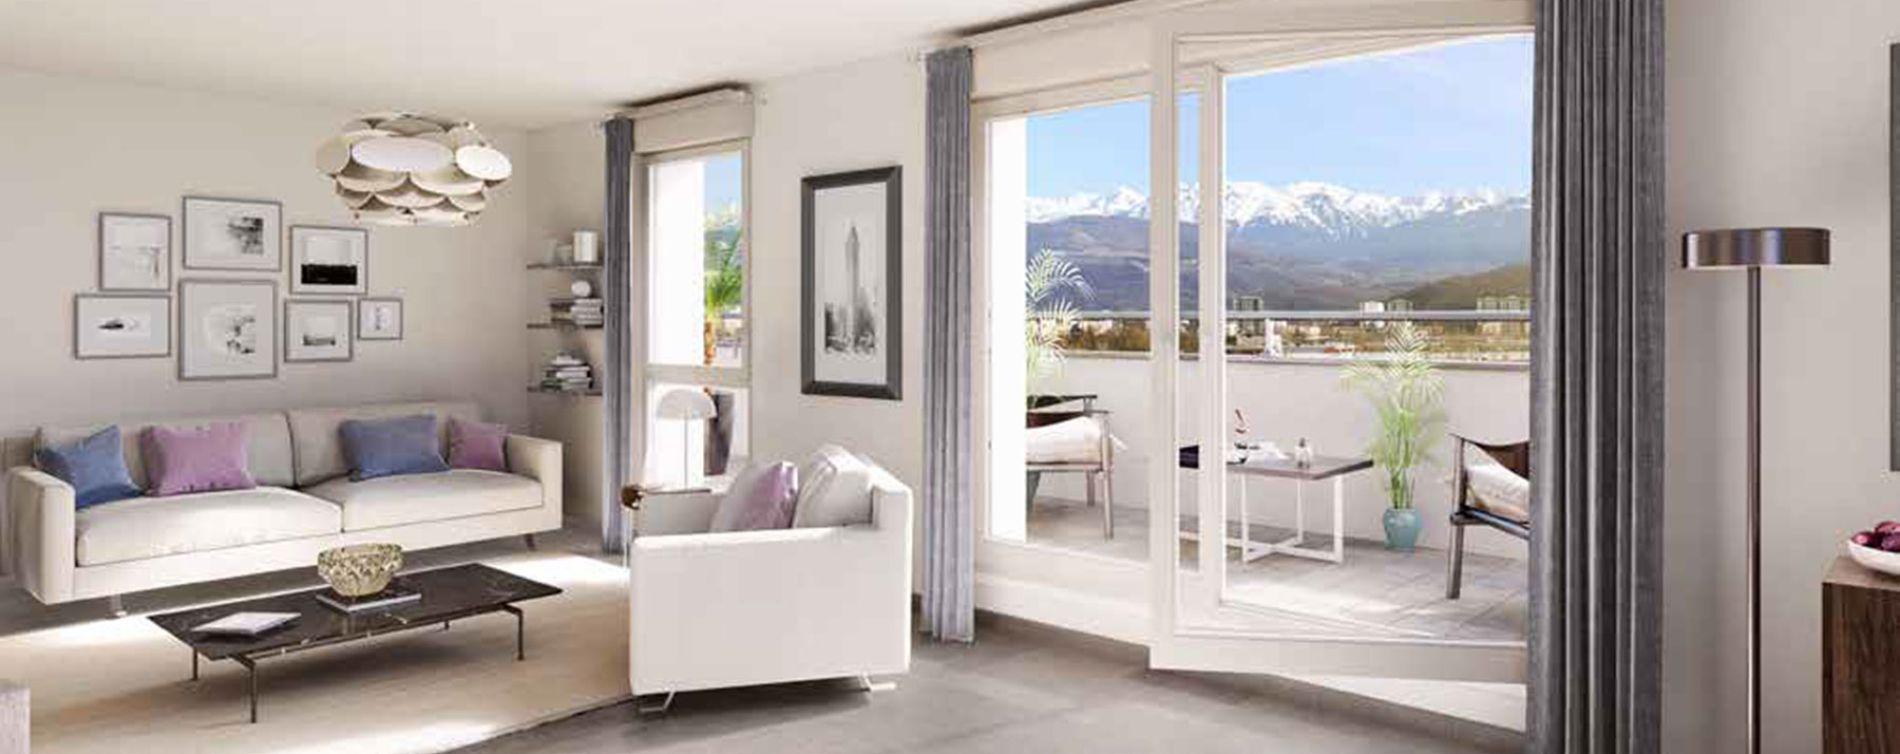 Le Pont-de-Claix : programme immobilier neuve « New Air » (2)